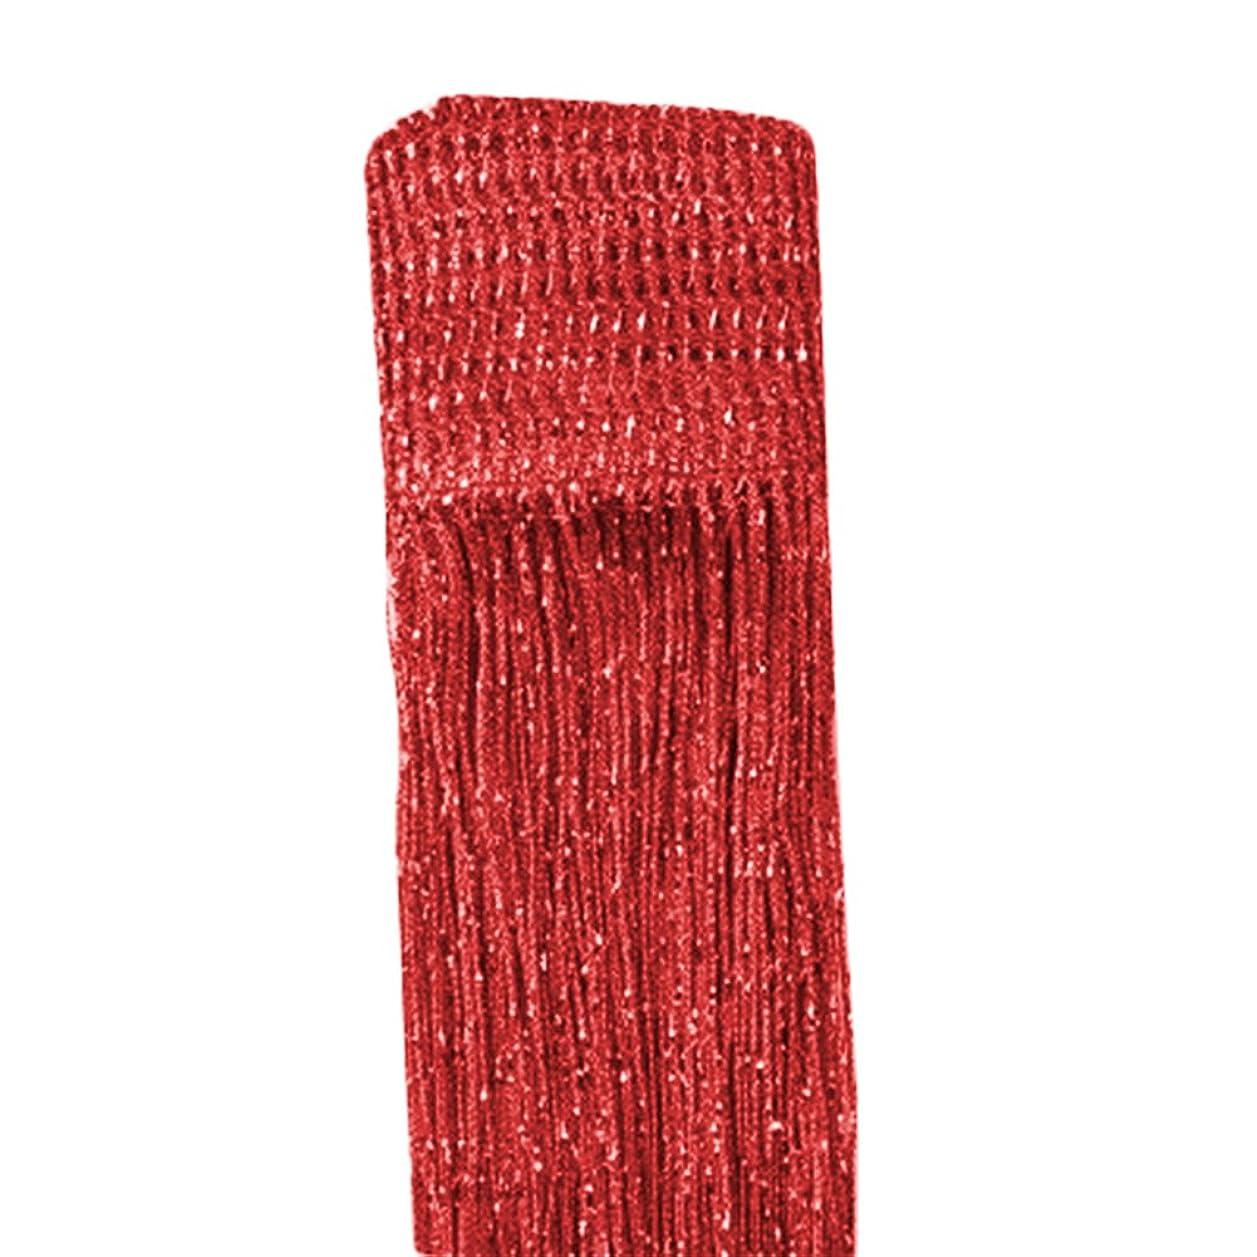 バンカー恐れる本能PROKTH ひものれん 目隠し ストリングカーテン 間仕切り キラキラ光る シルバー糸カーテン 約100 * 200cm 全13色 1枚入 (レッド)